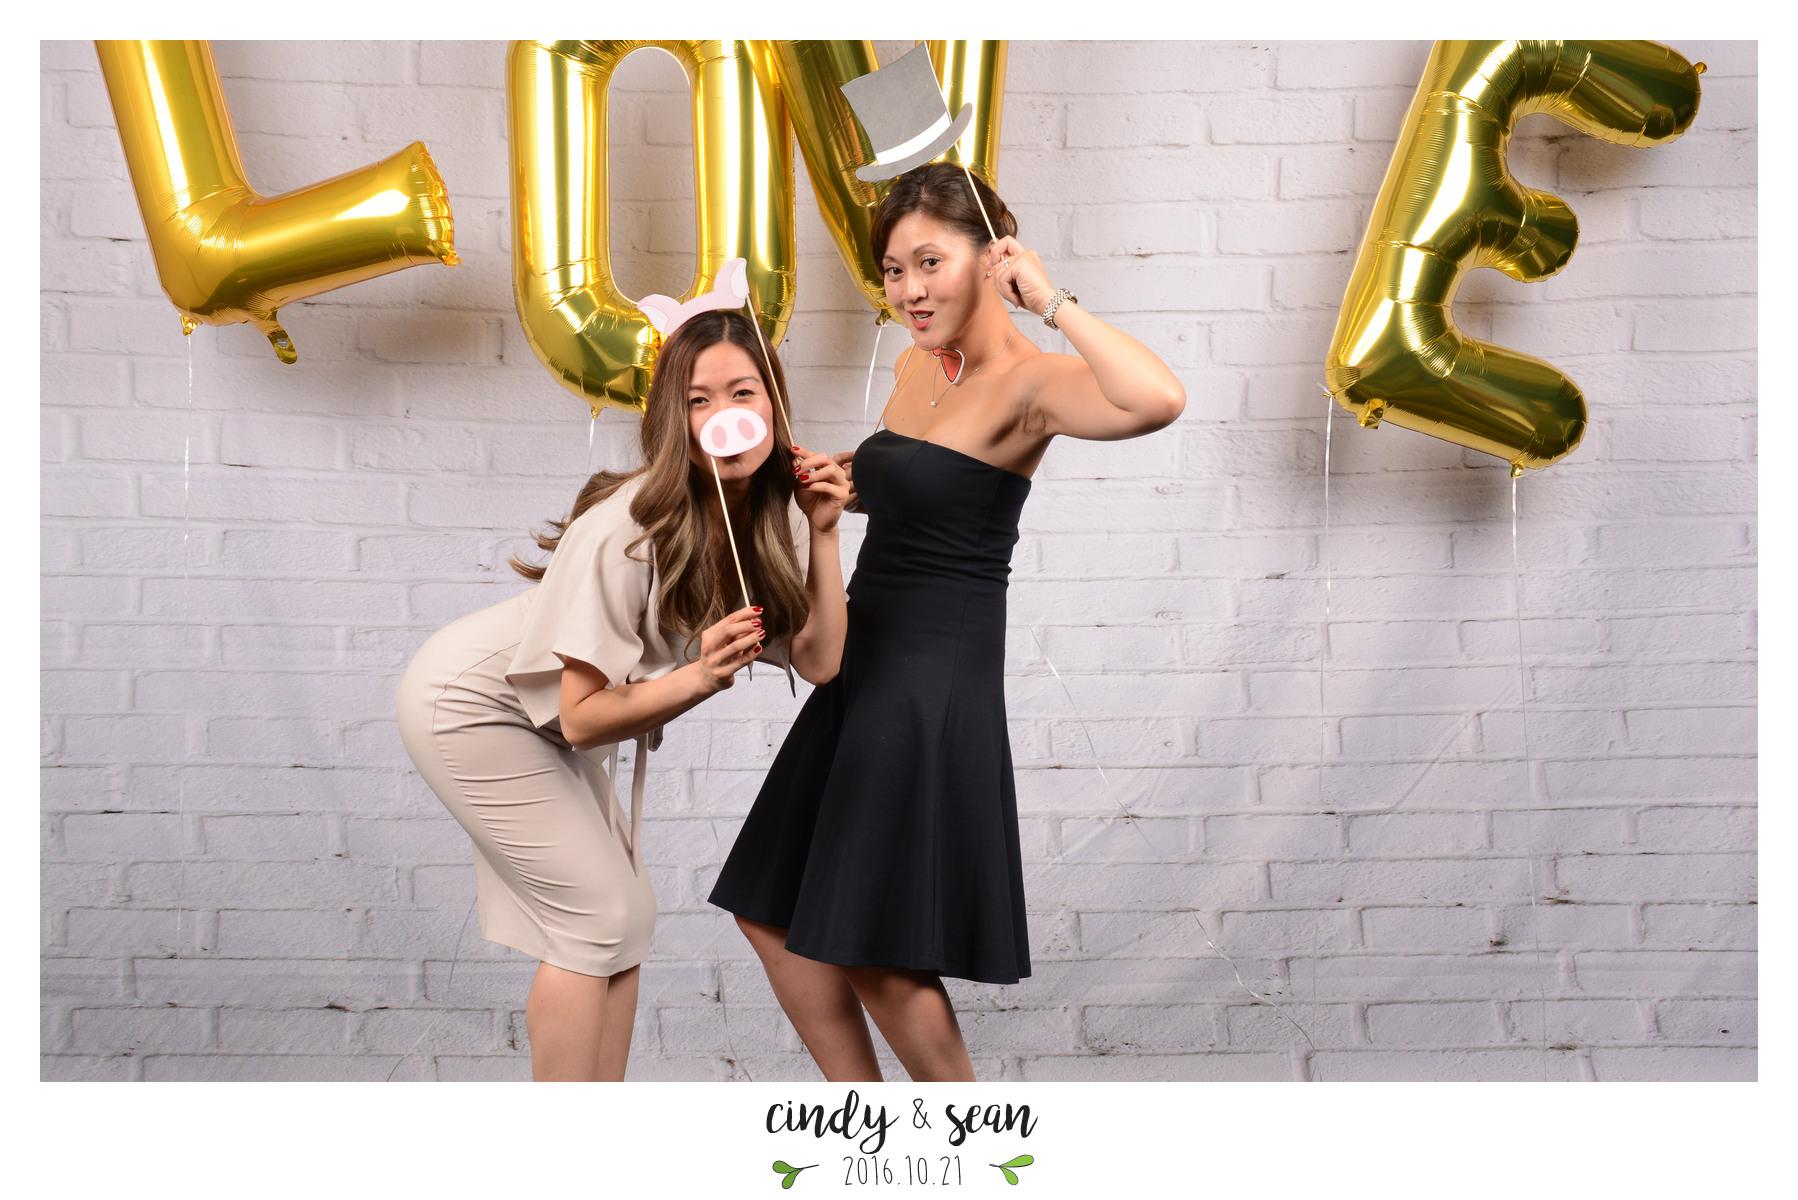 Cindy Sean Bae - 0001-107.jpg